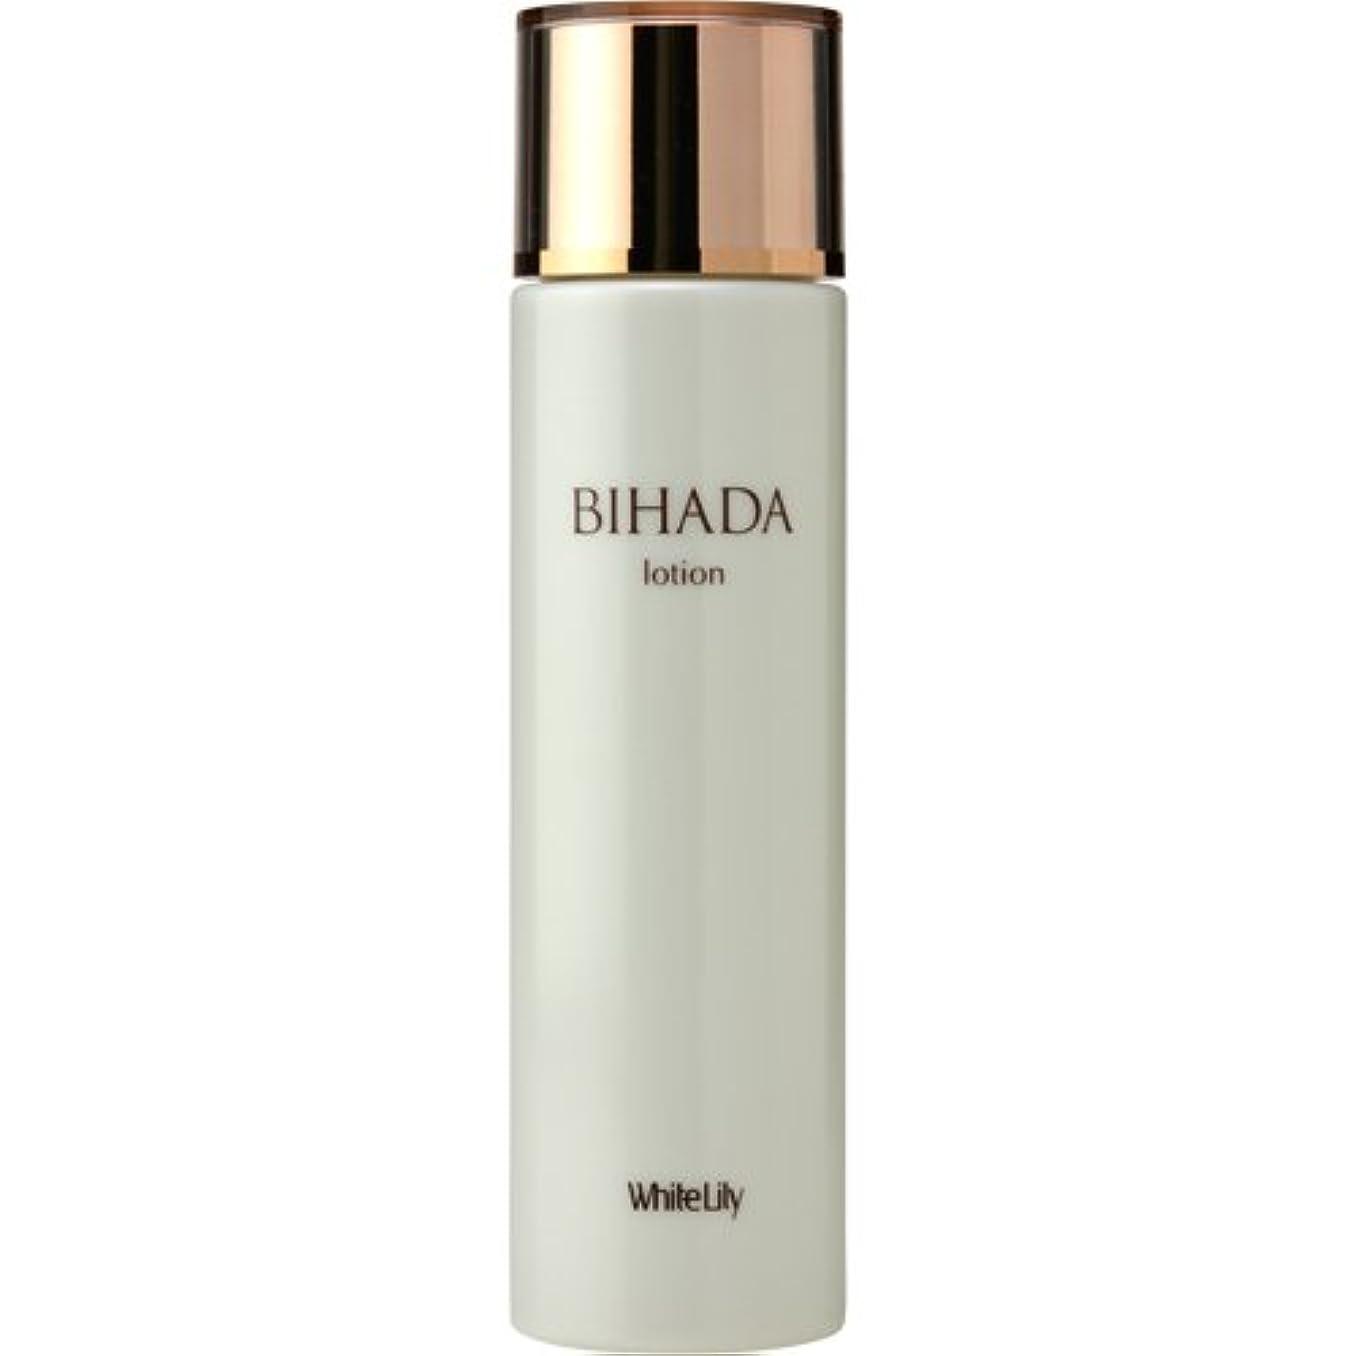 ホワイトリリー BIHADAローション 155mL 化粧水